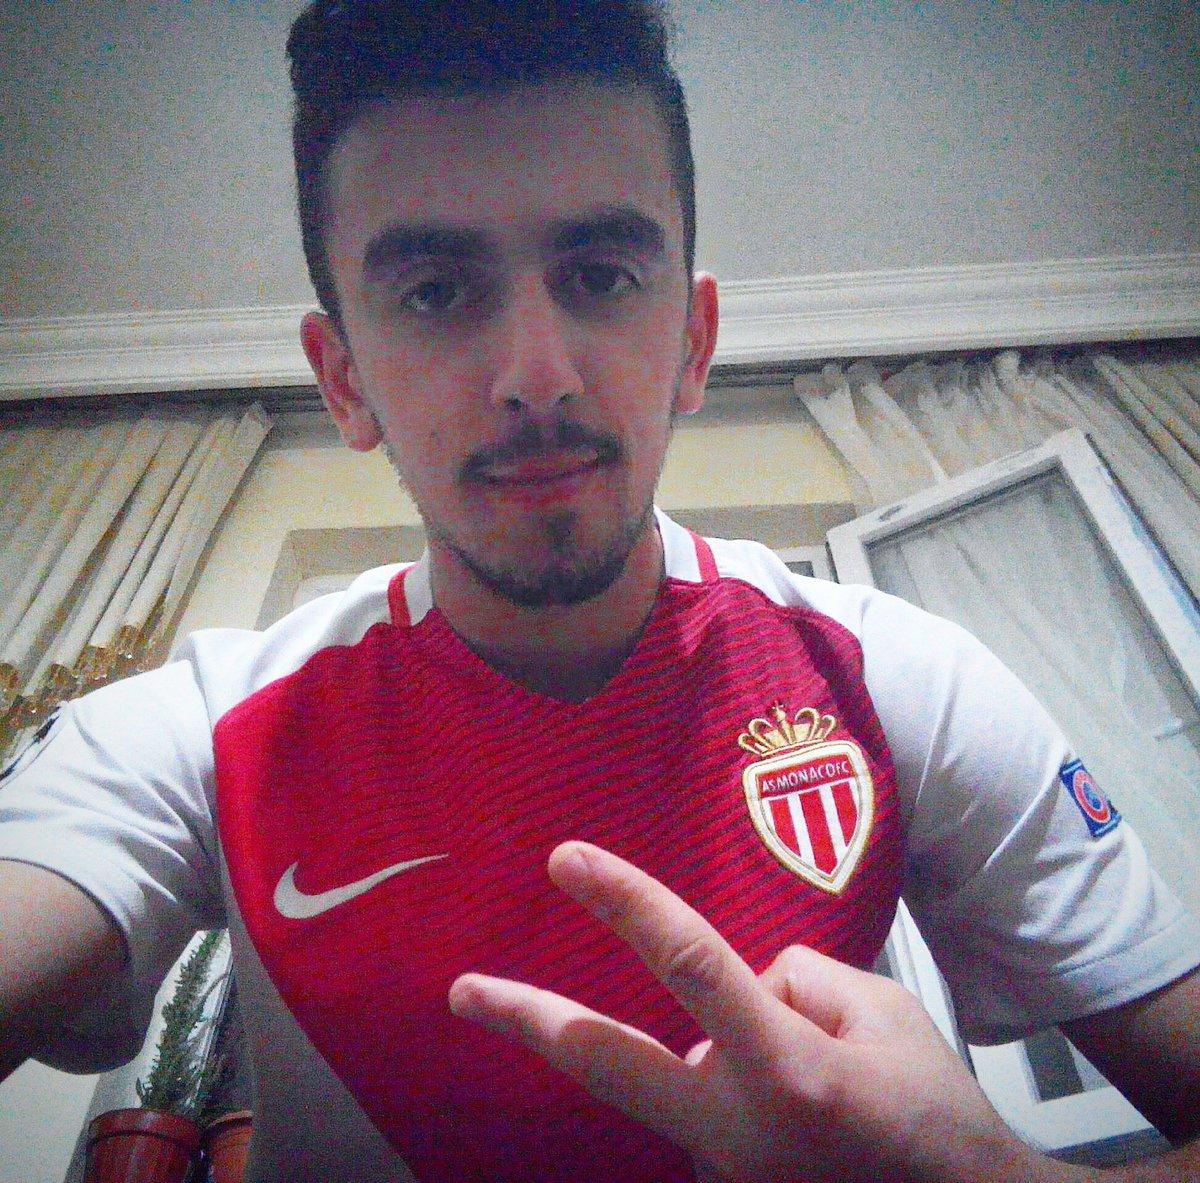 #FCMetz - #ASMonaco Match Night ! #Ligue1Conforama @Ligue1Conforama @AS_Monaco @FCMetz<br>http://pic.twitter.com/4tKgegUqCE